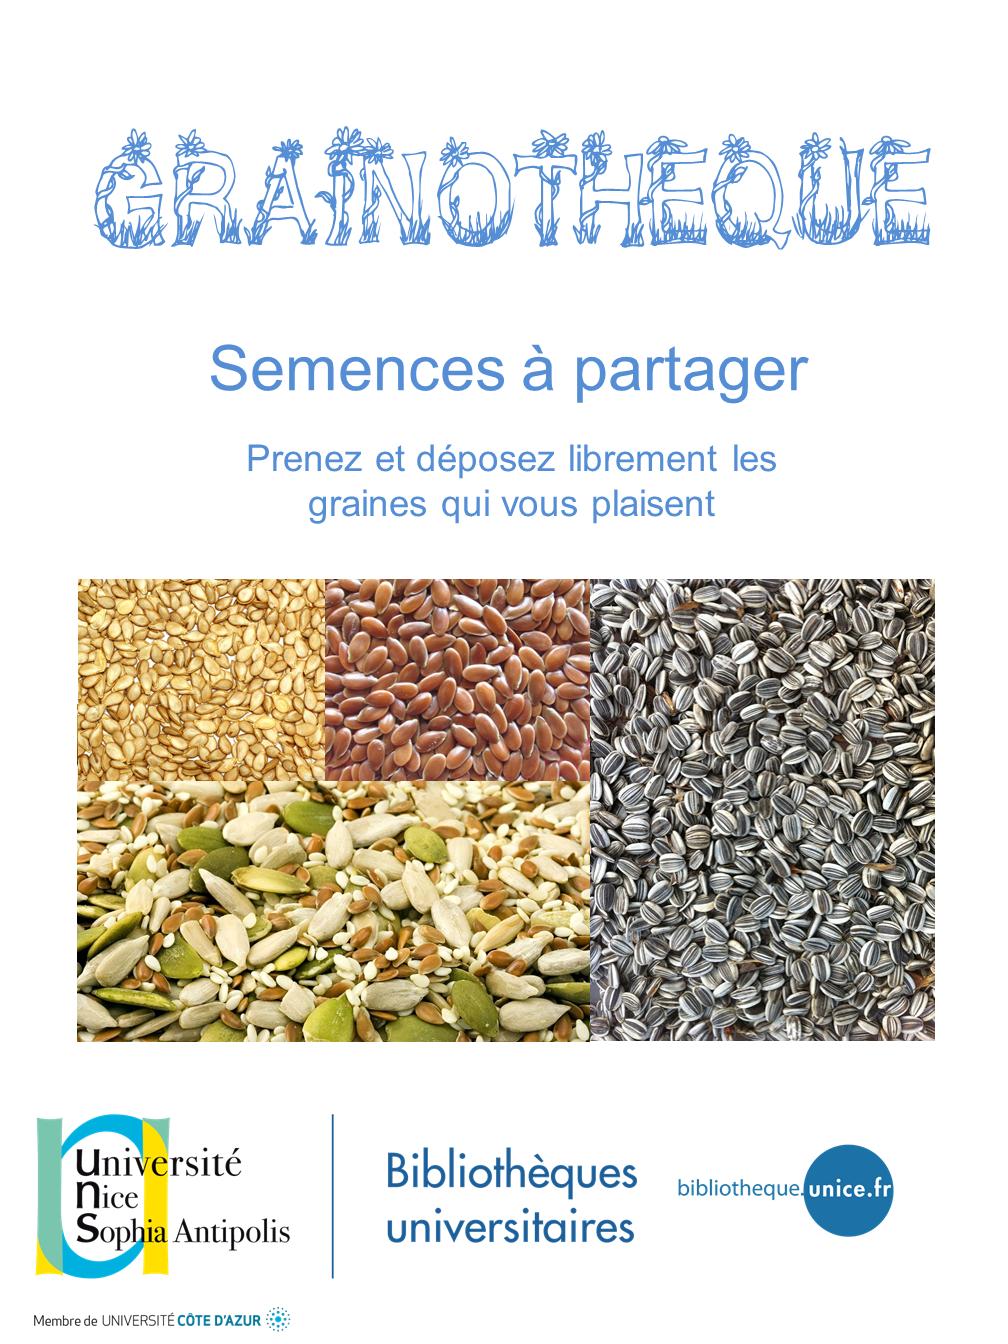 Affiche grainothèque